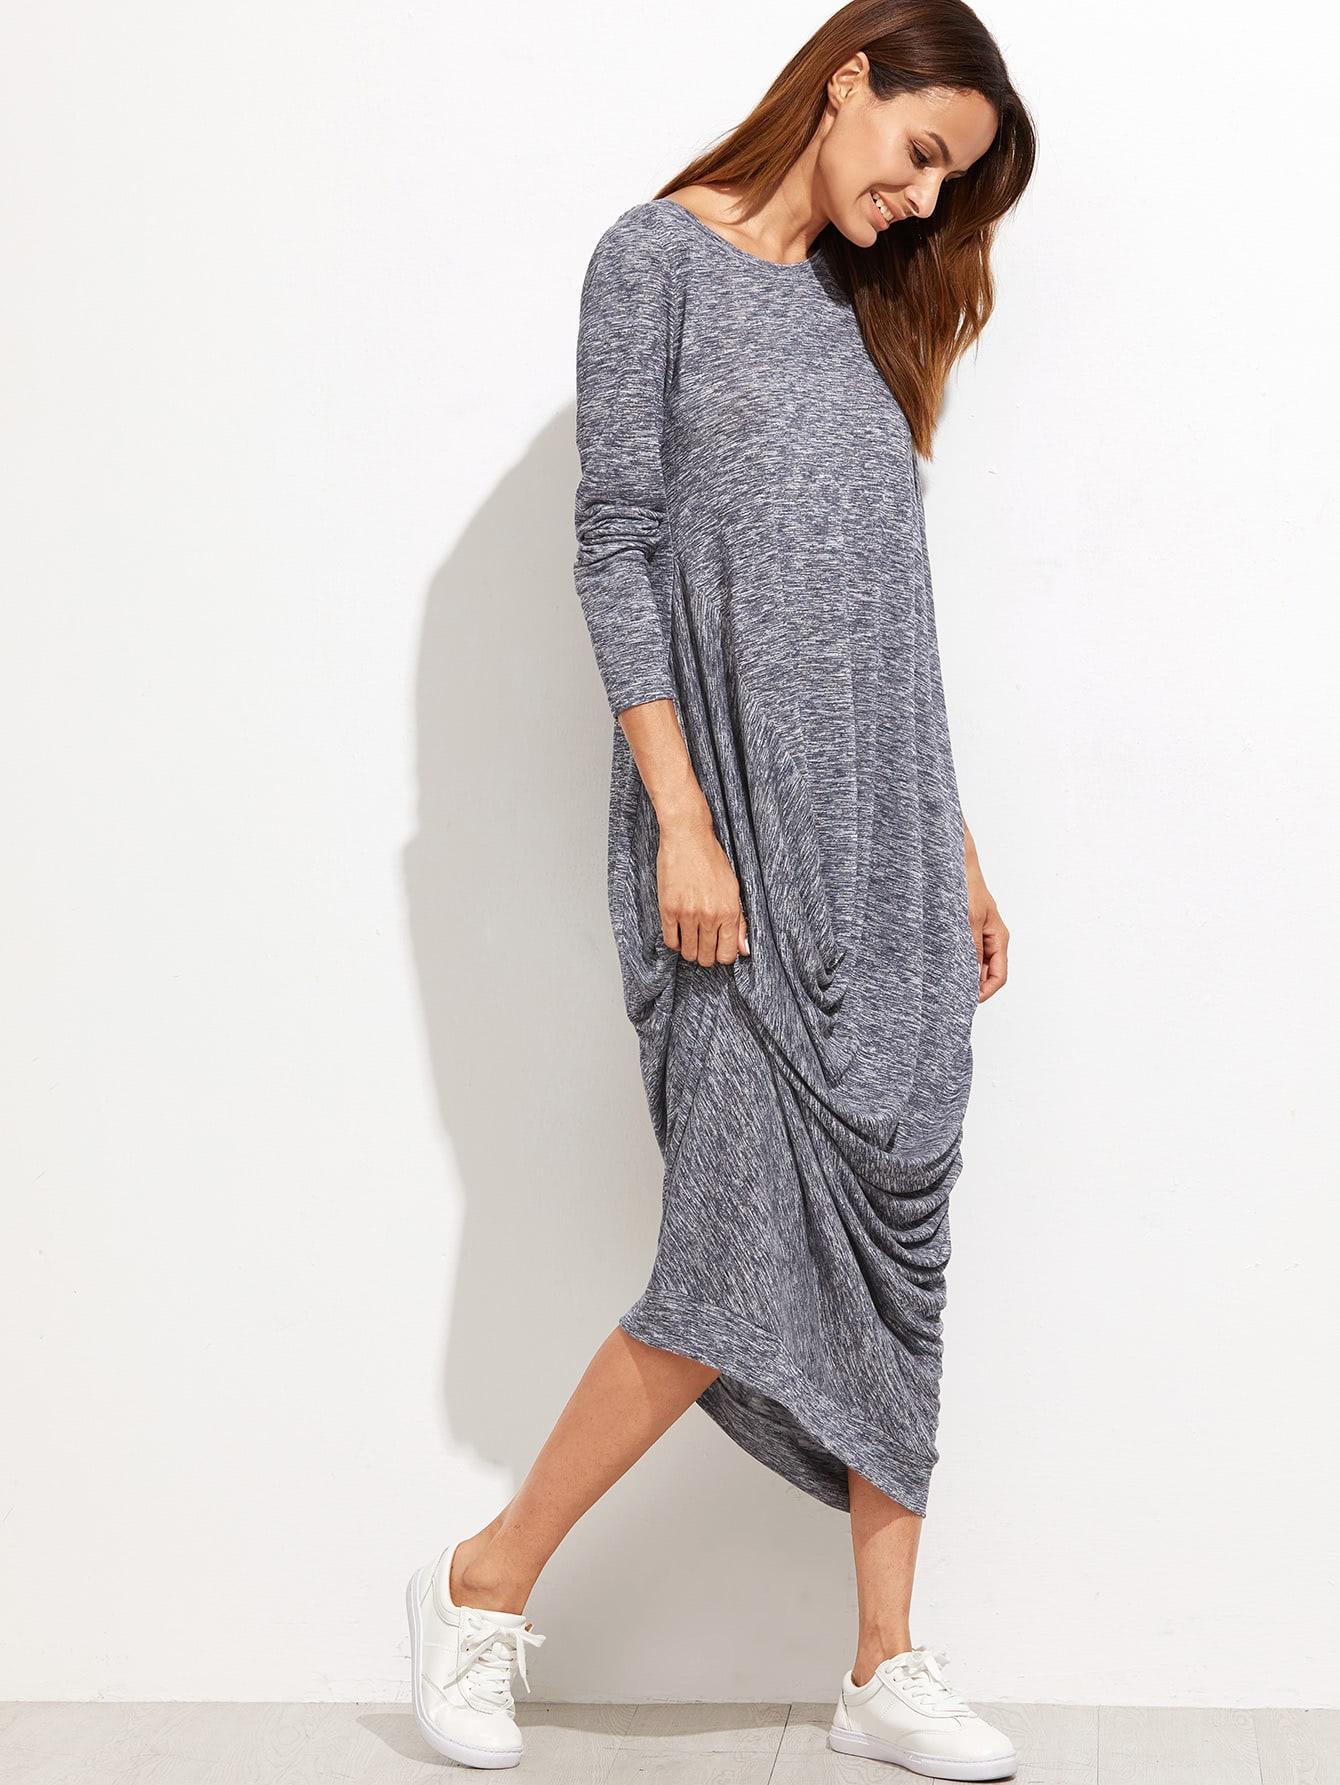 dress161012717_2